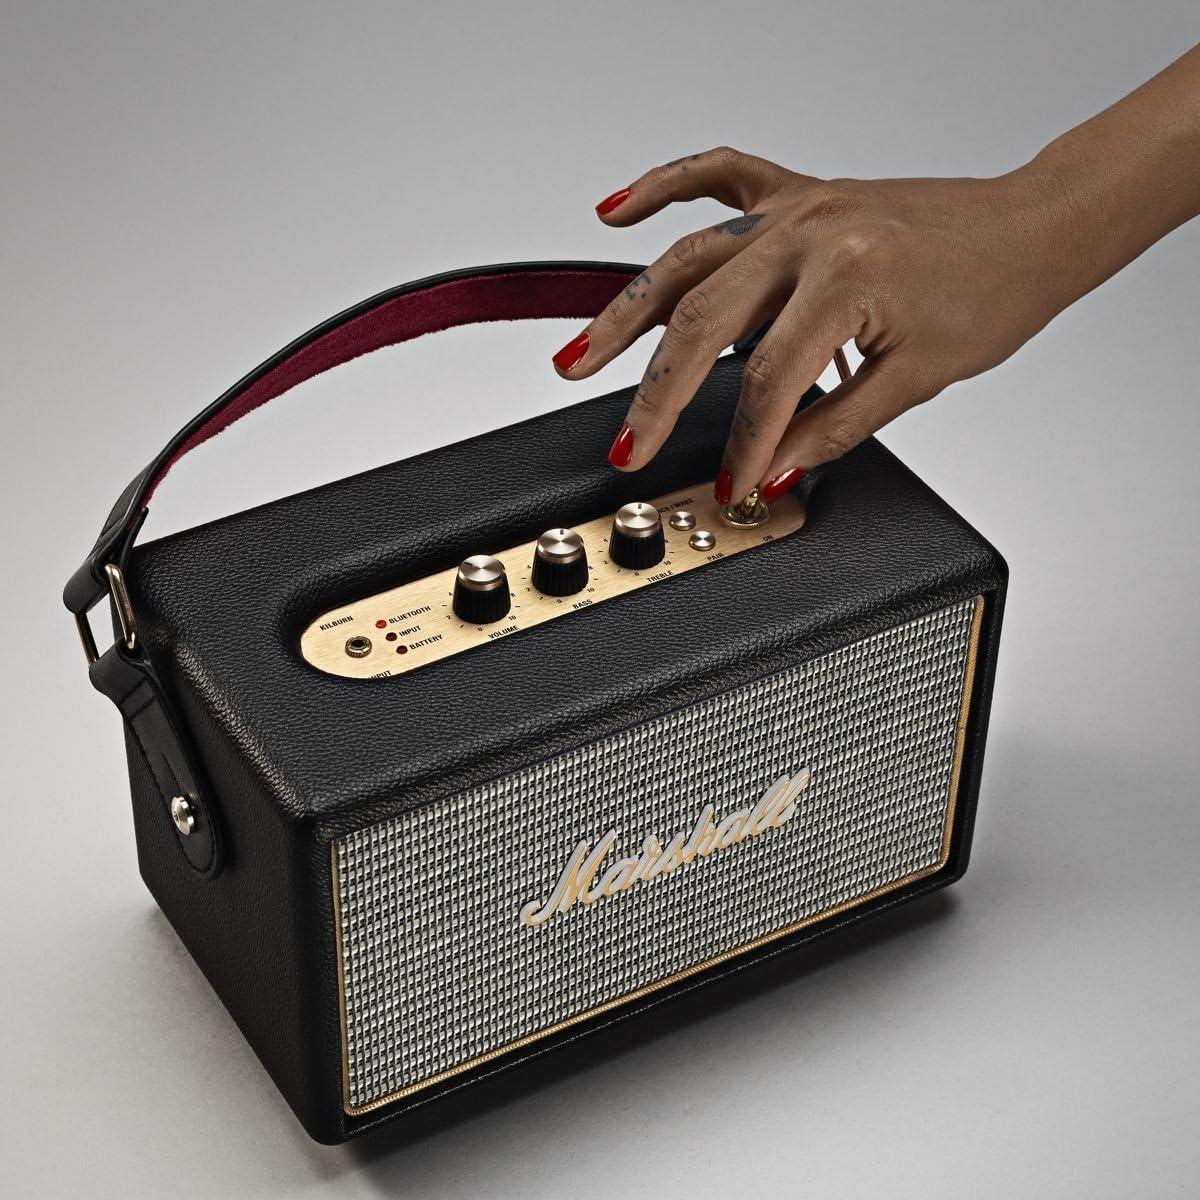 Marshall Kilburn 4091189 Bluetooth Speaker 7